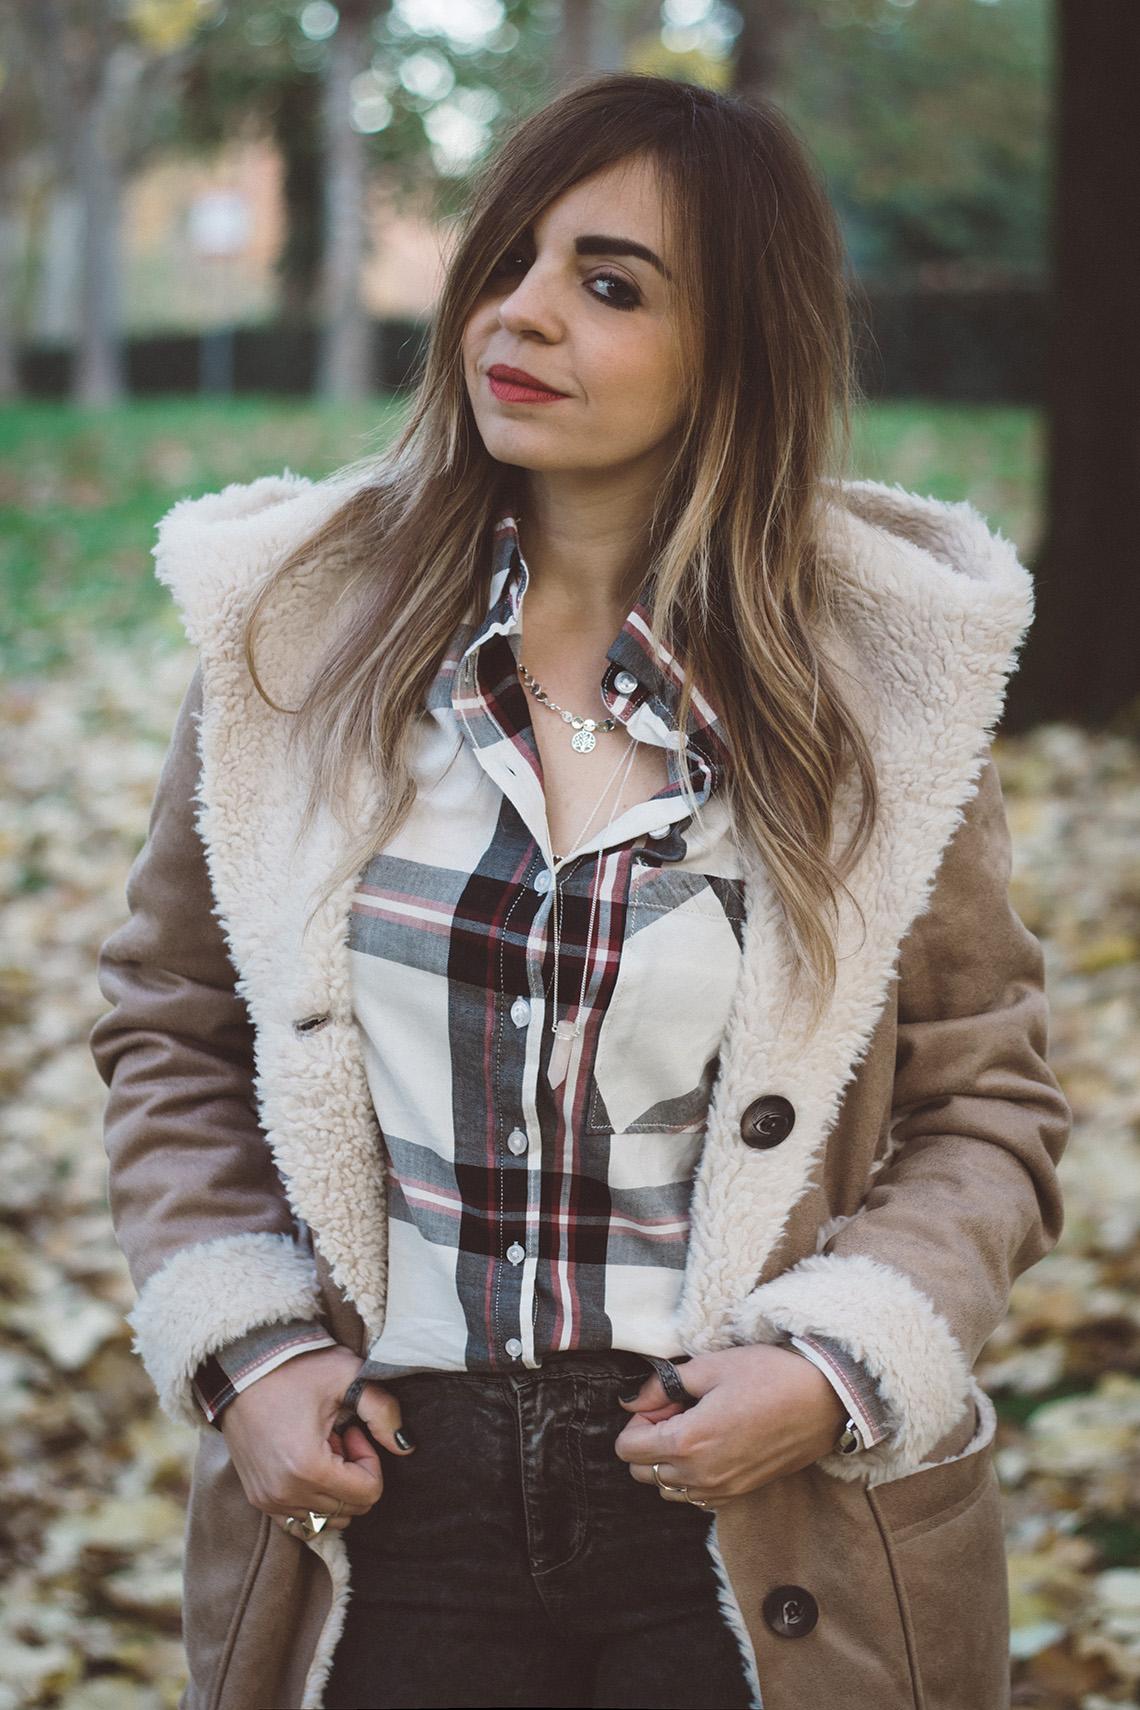 montone_il_cappotto_per_l_inverno_2017_dressing_and_toppings_8